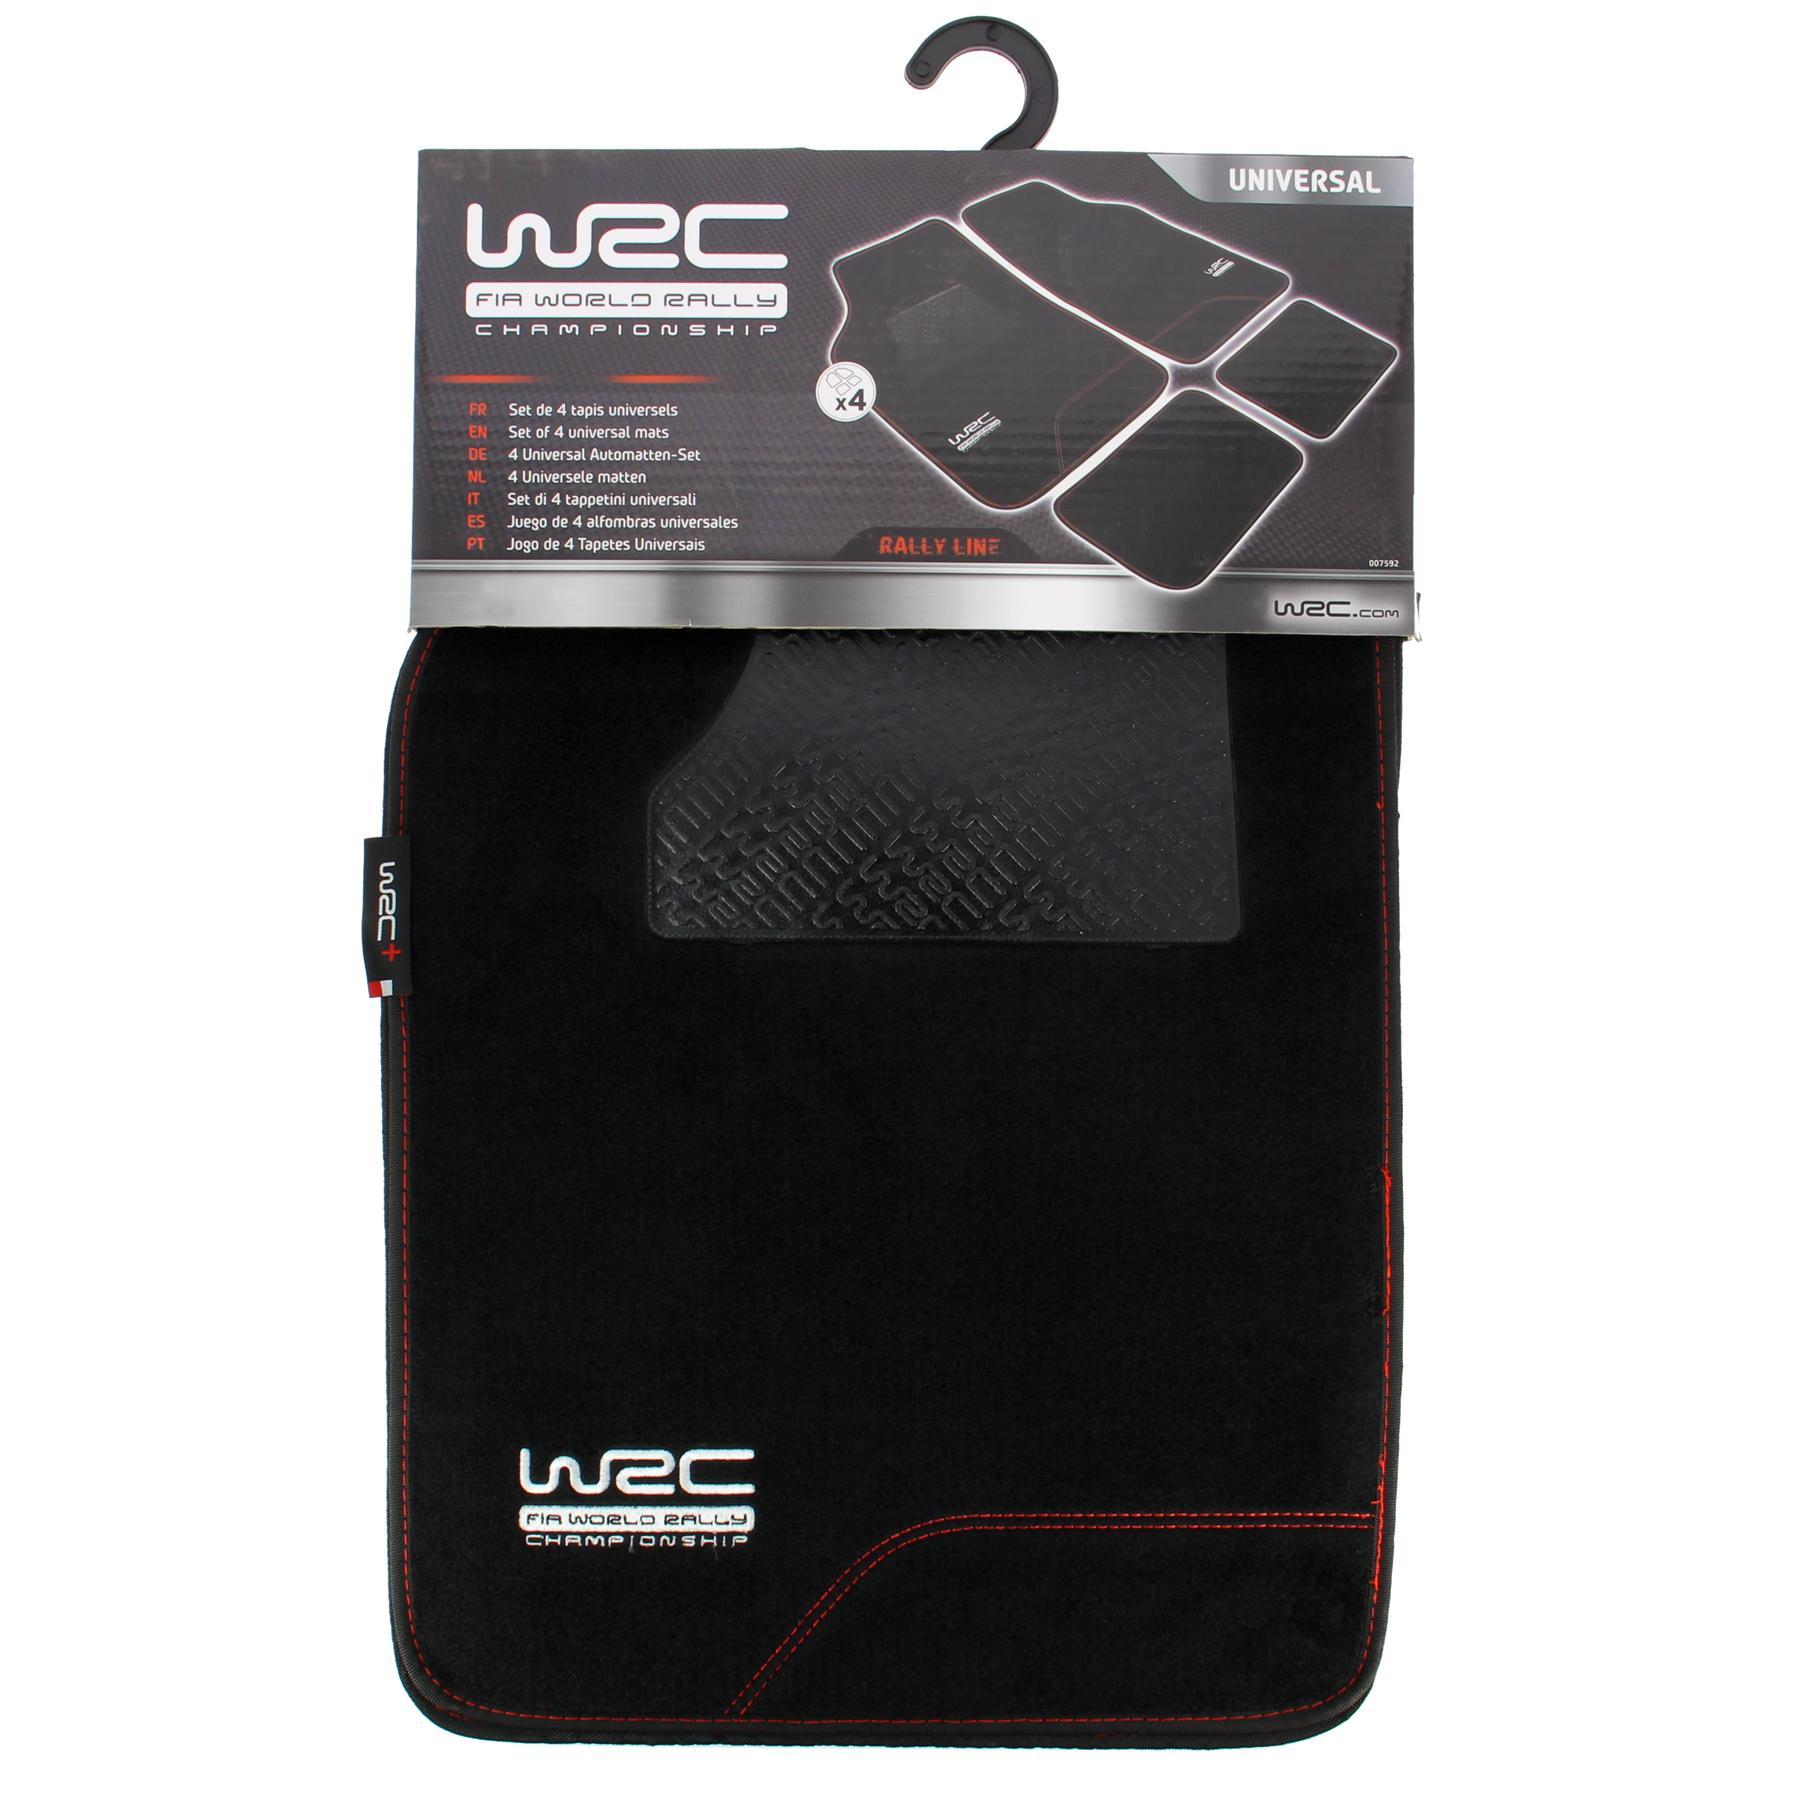 007592 Vloermatset WRC - Voordelige producten van merken.